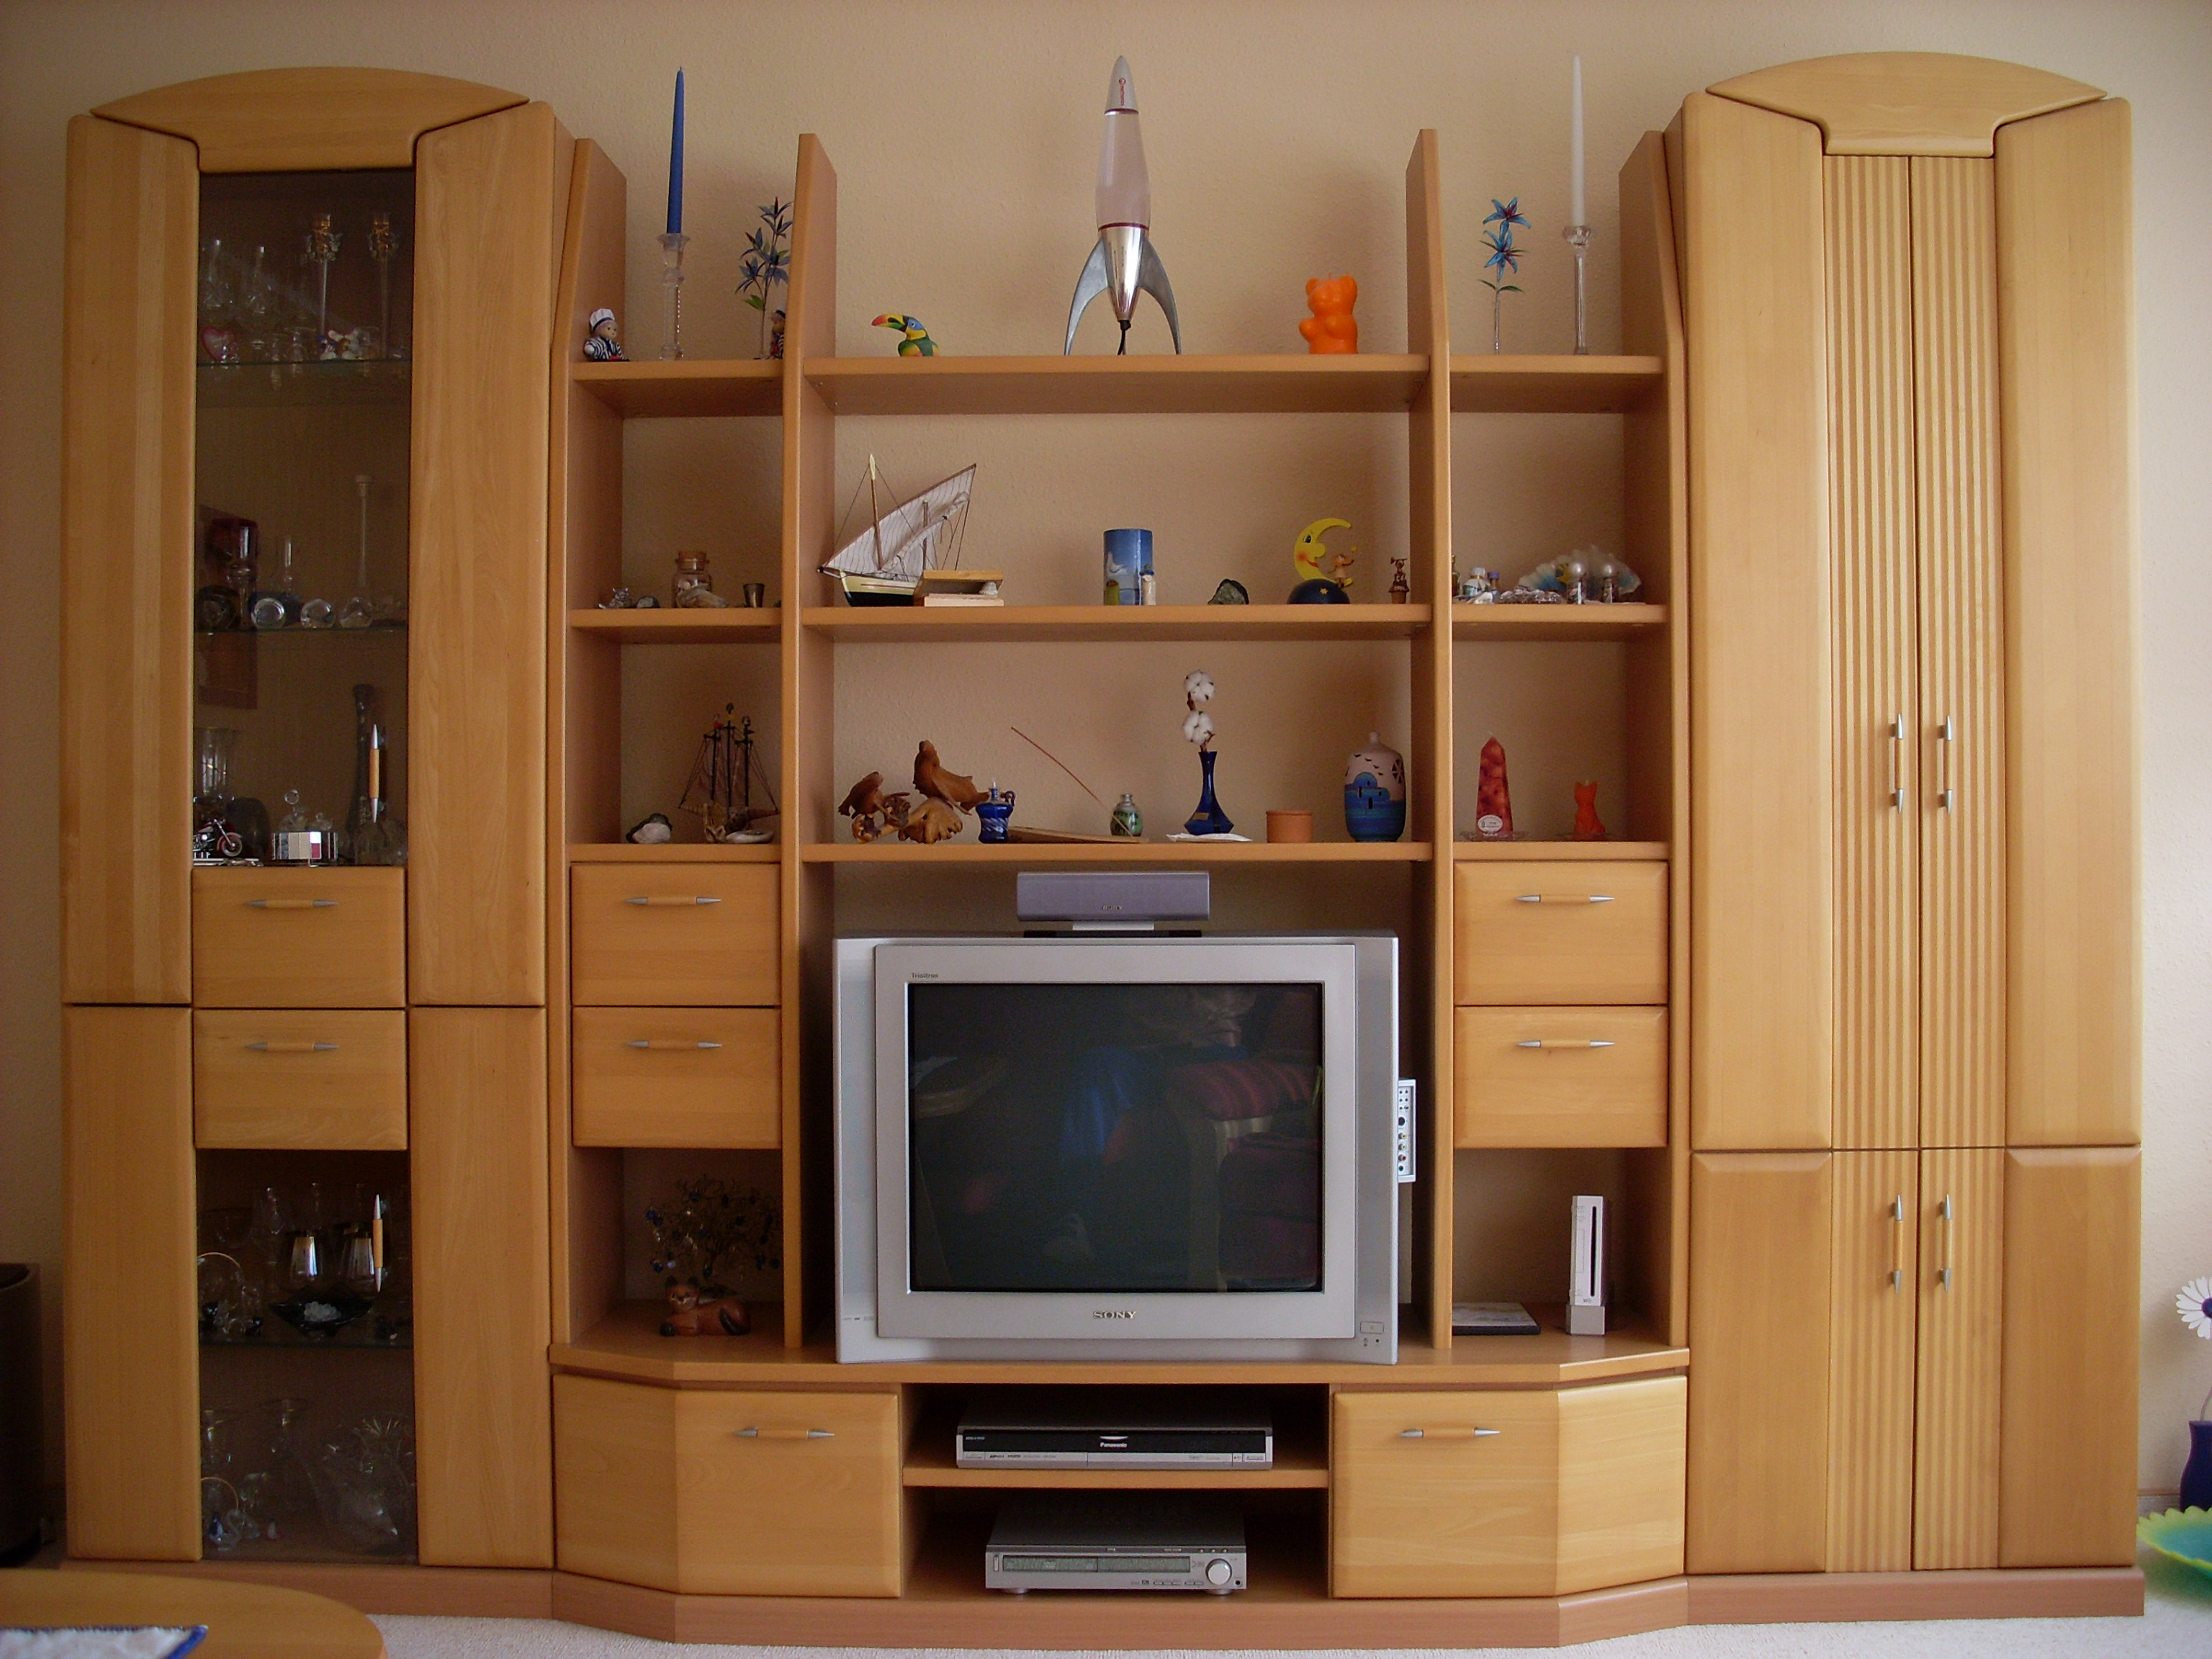 sch ne anbauwand zu verkaufen in berlin m bel und haushalt kleinanzeigen. Black Bedroom Furniture Sets. Home Design Ideas